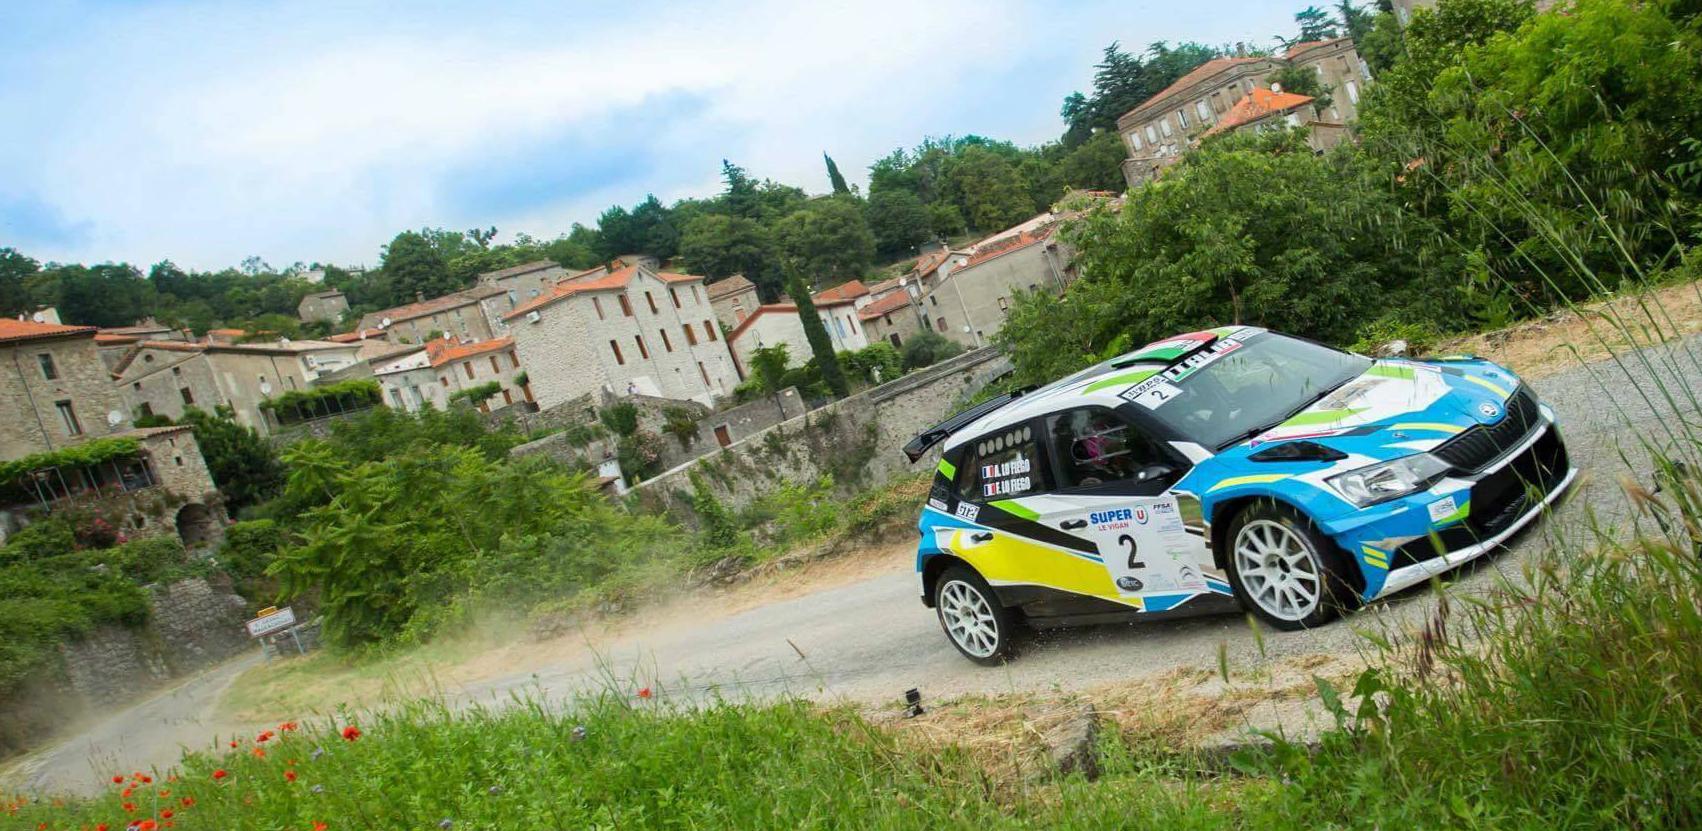 Victoire au Rallye National du Pays Viganais avec son frère Angelo